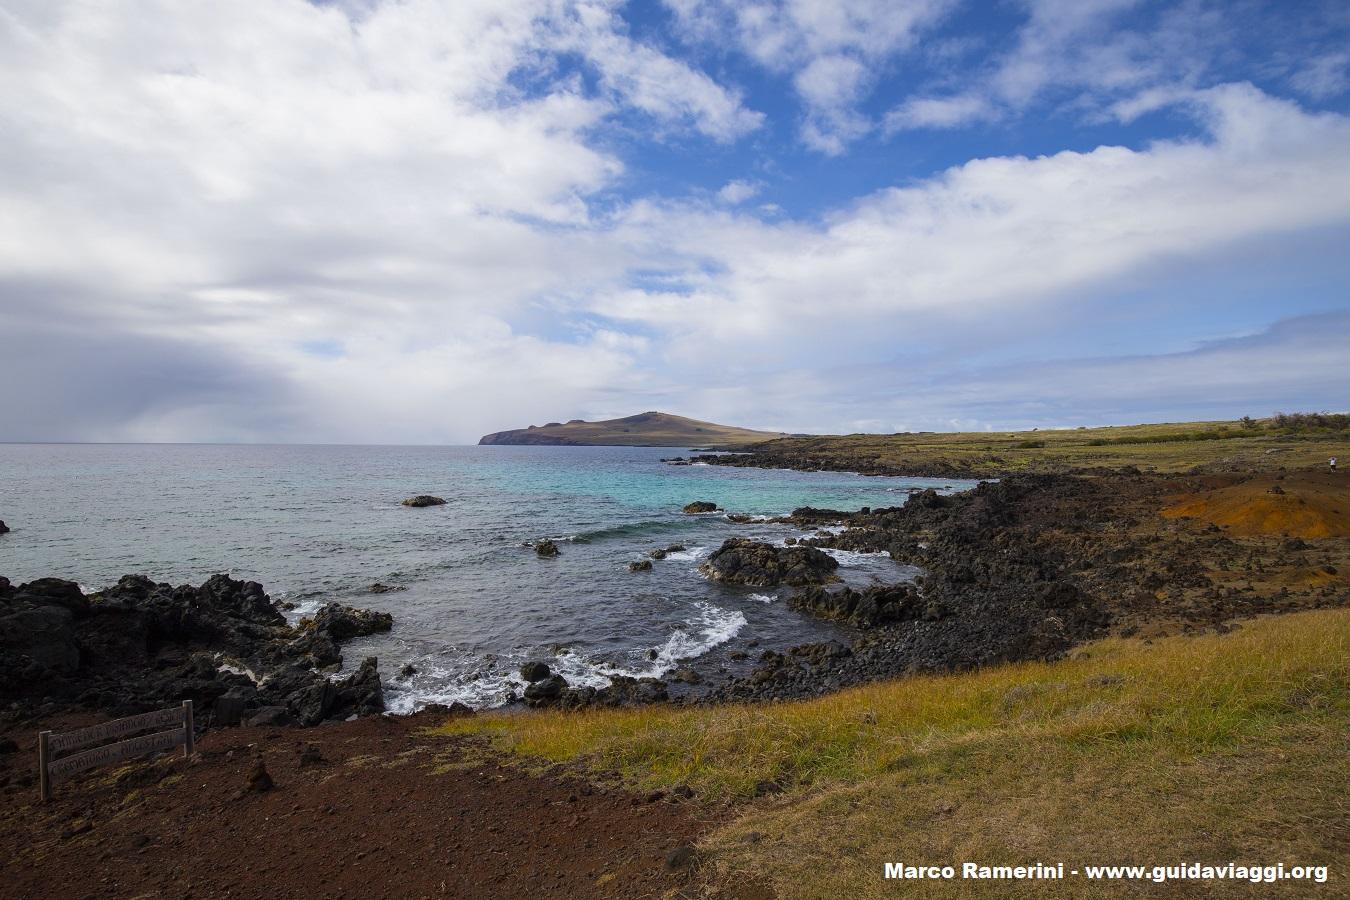 La costa norte de la isla vista desde Ovahe, Isla de Pascua, Chile. Autor y Copyright Marco Ramerini